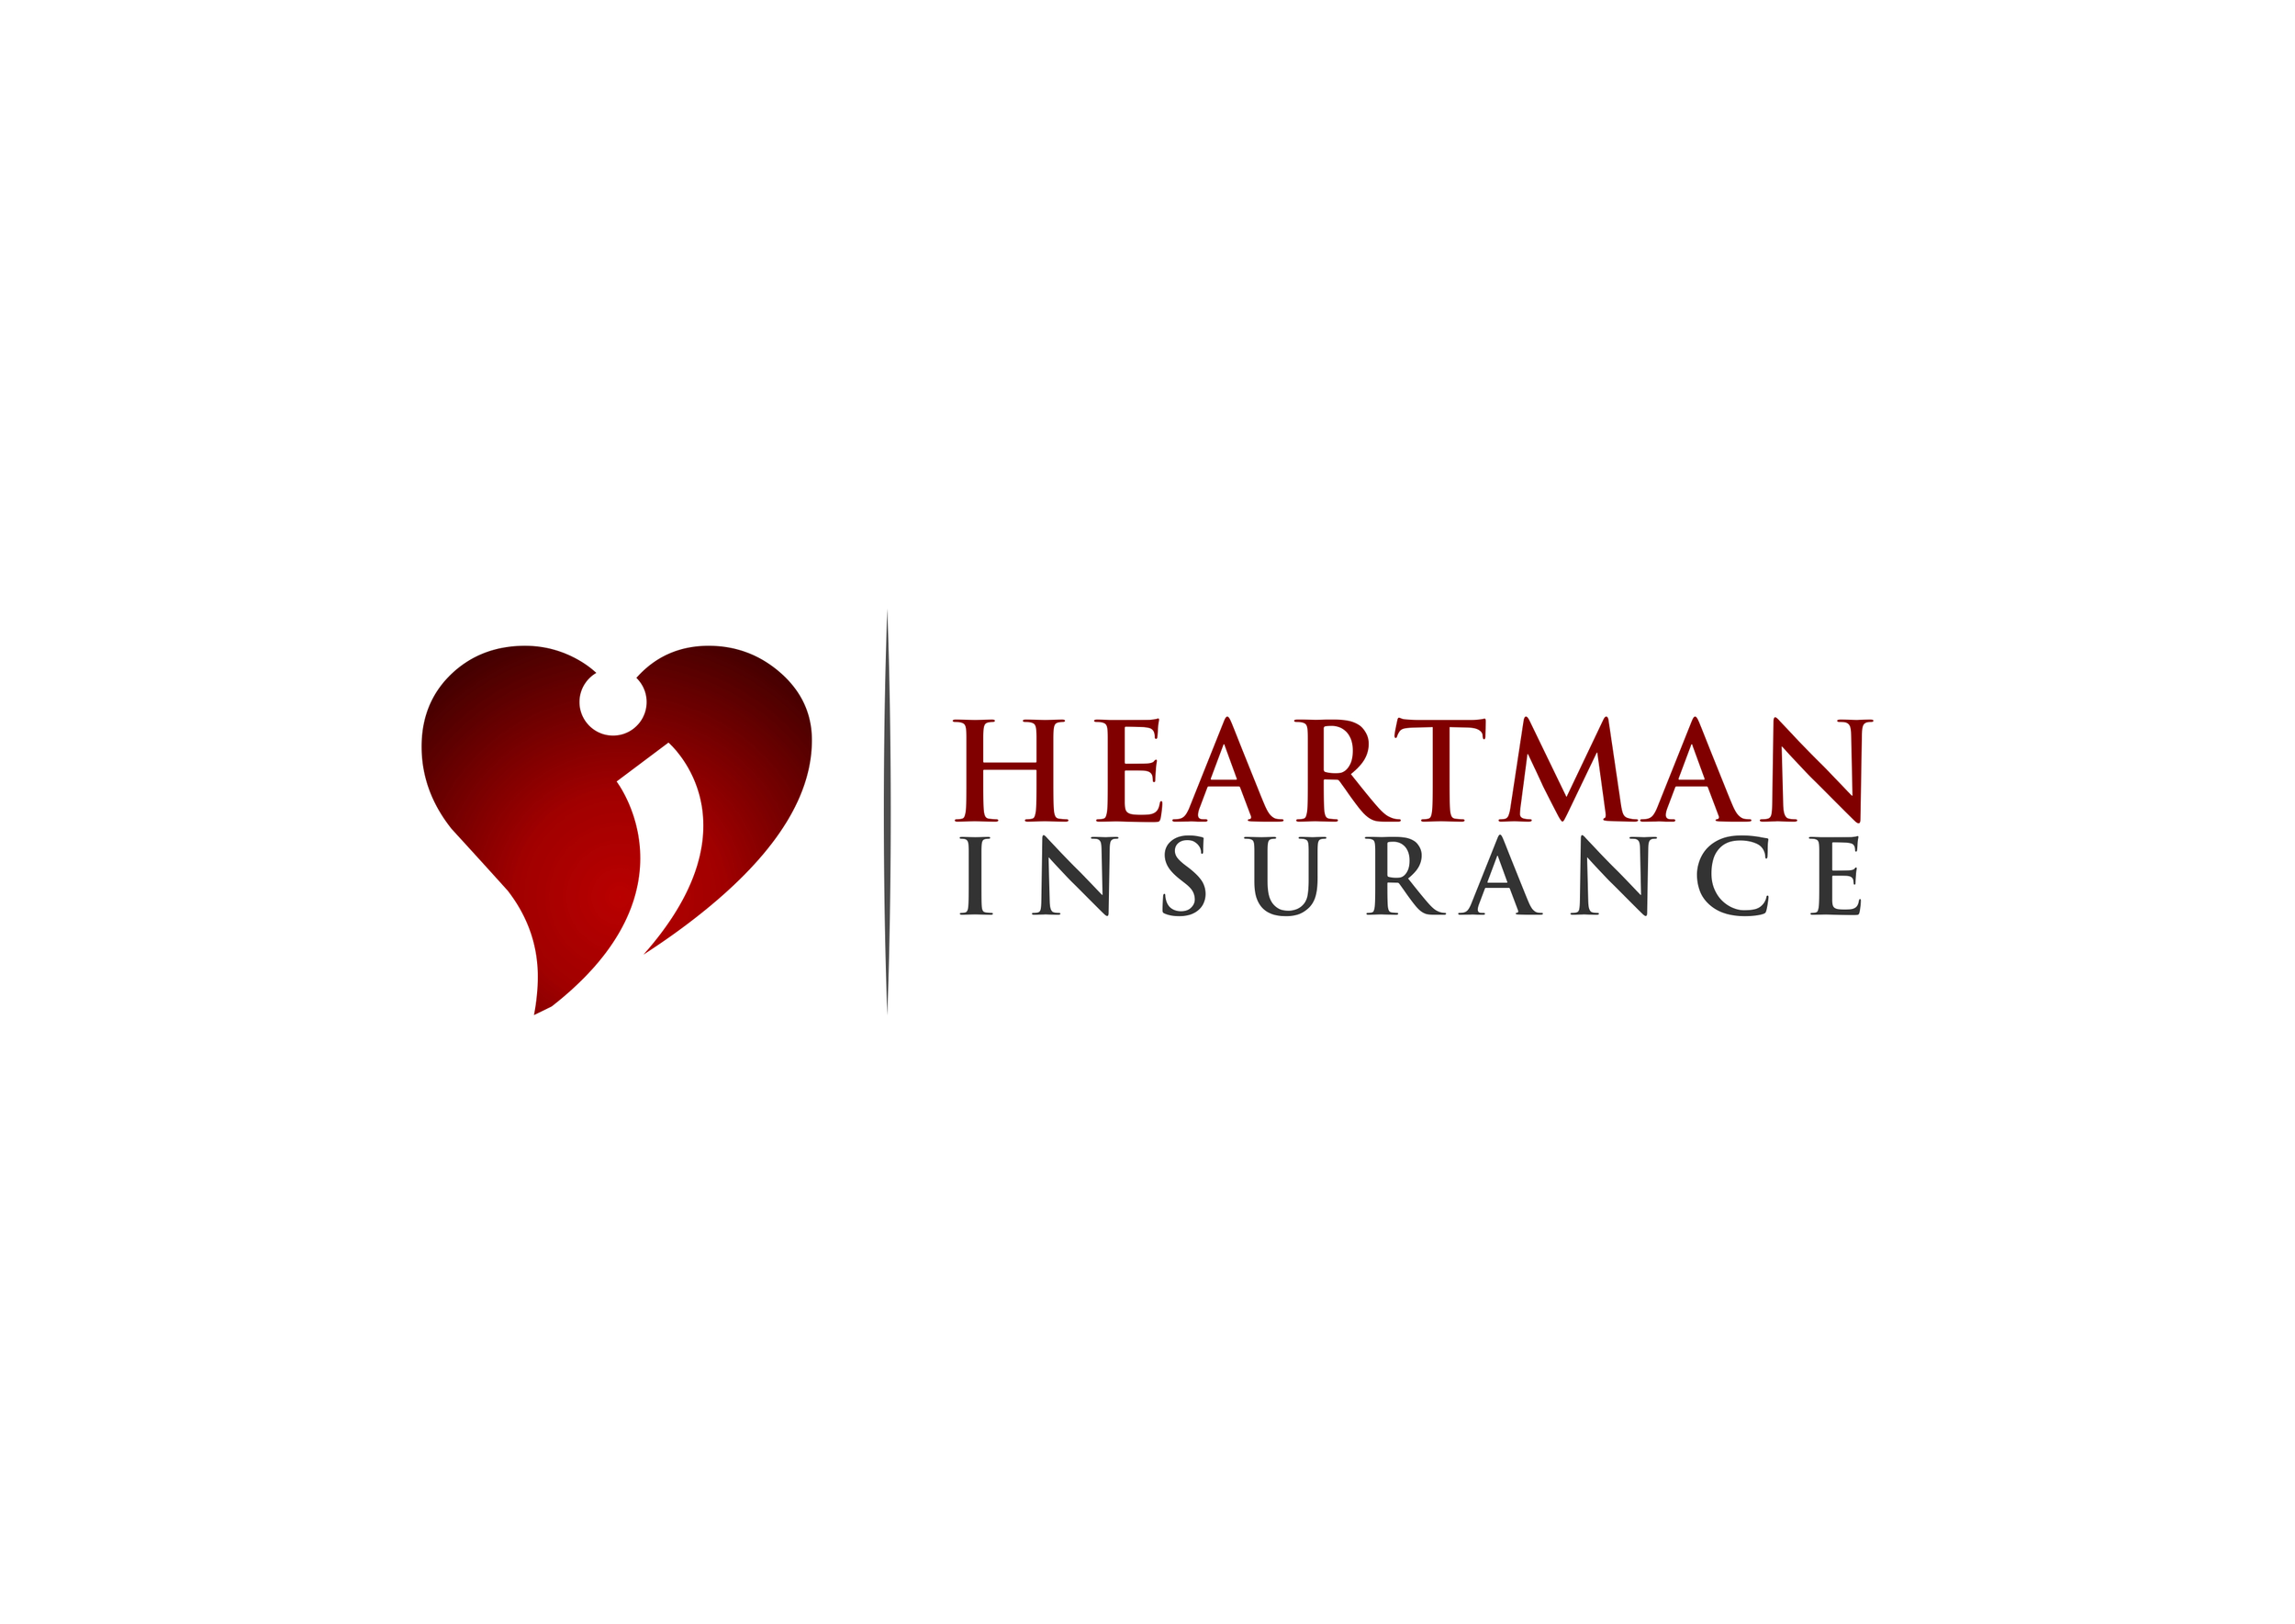 heartman_ins_logo.png